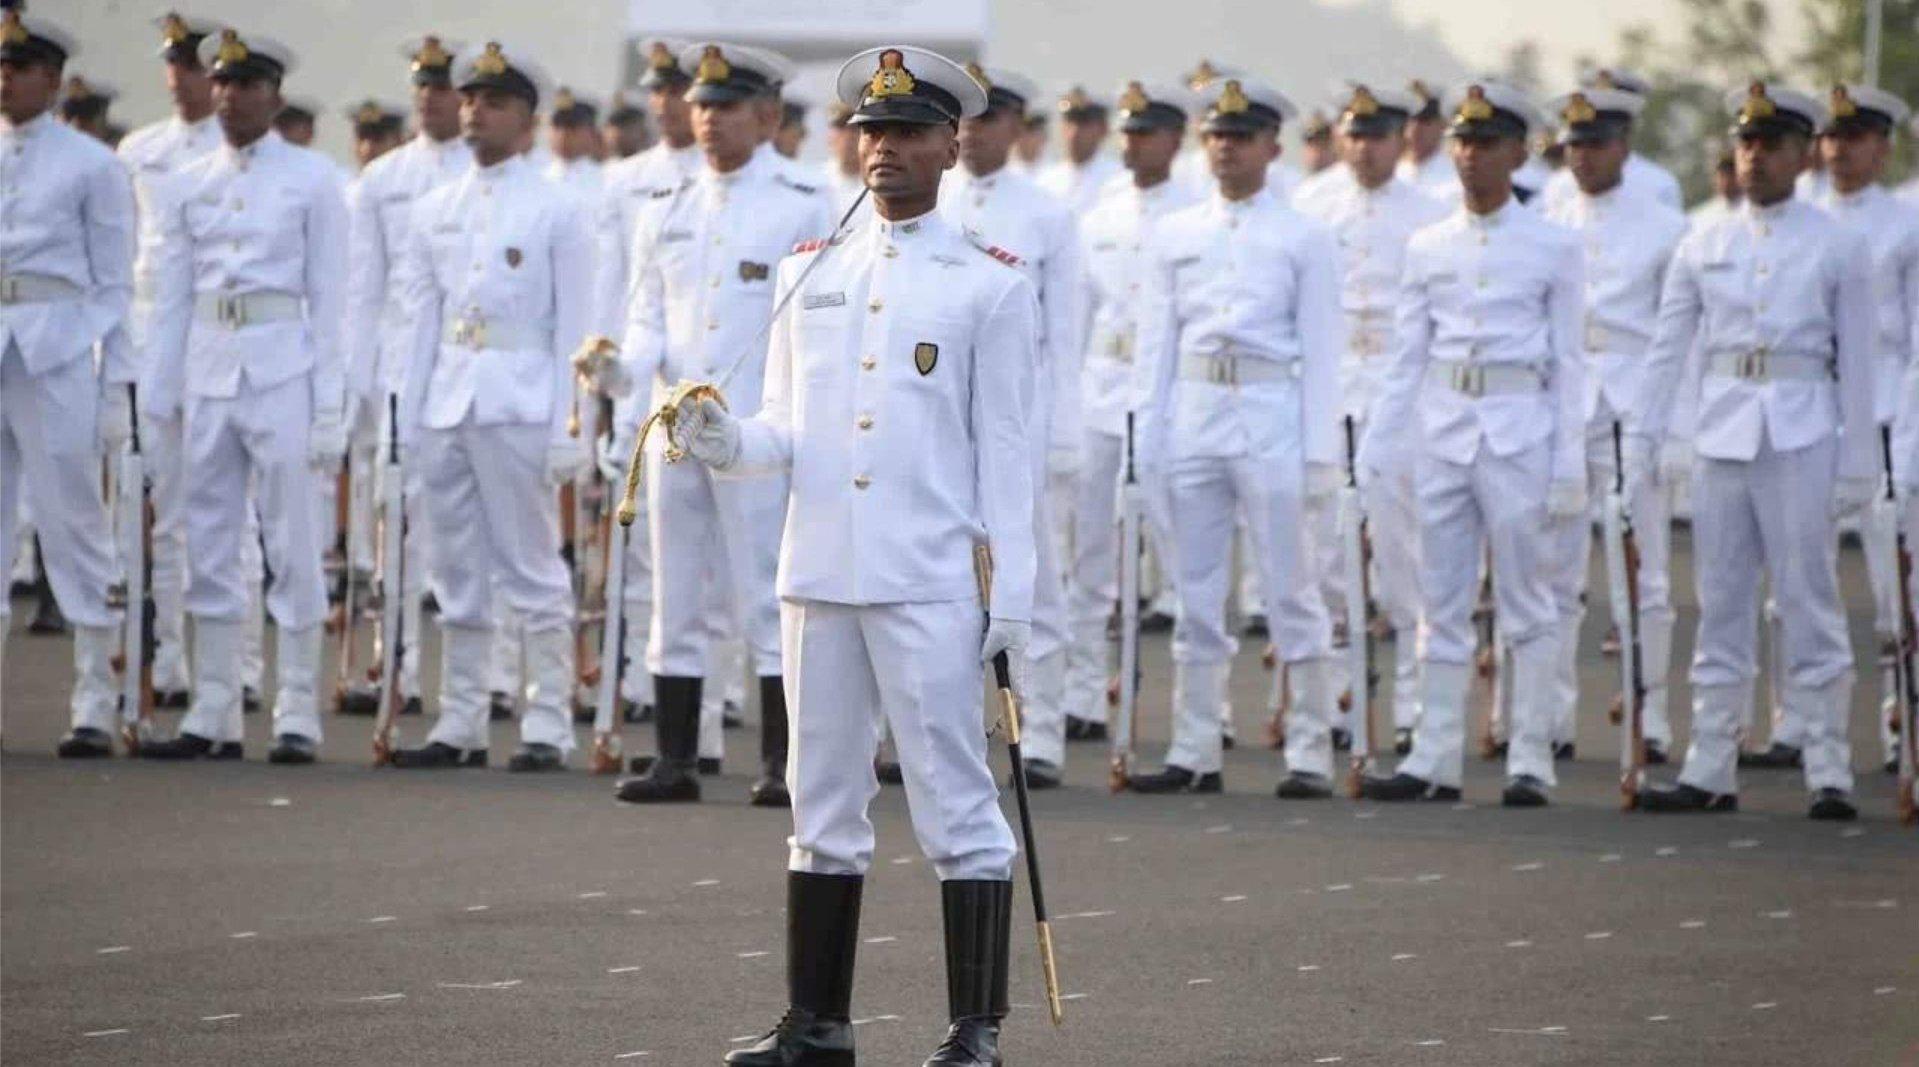 印军官称没钱建第2艘国产航母,究竟是缺钱还是缺技术?